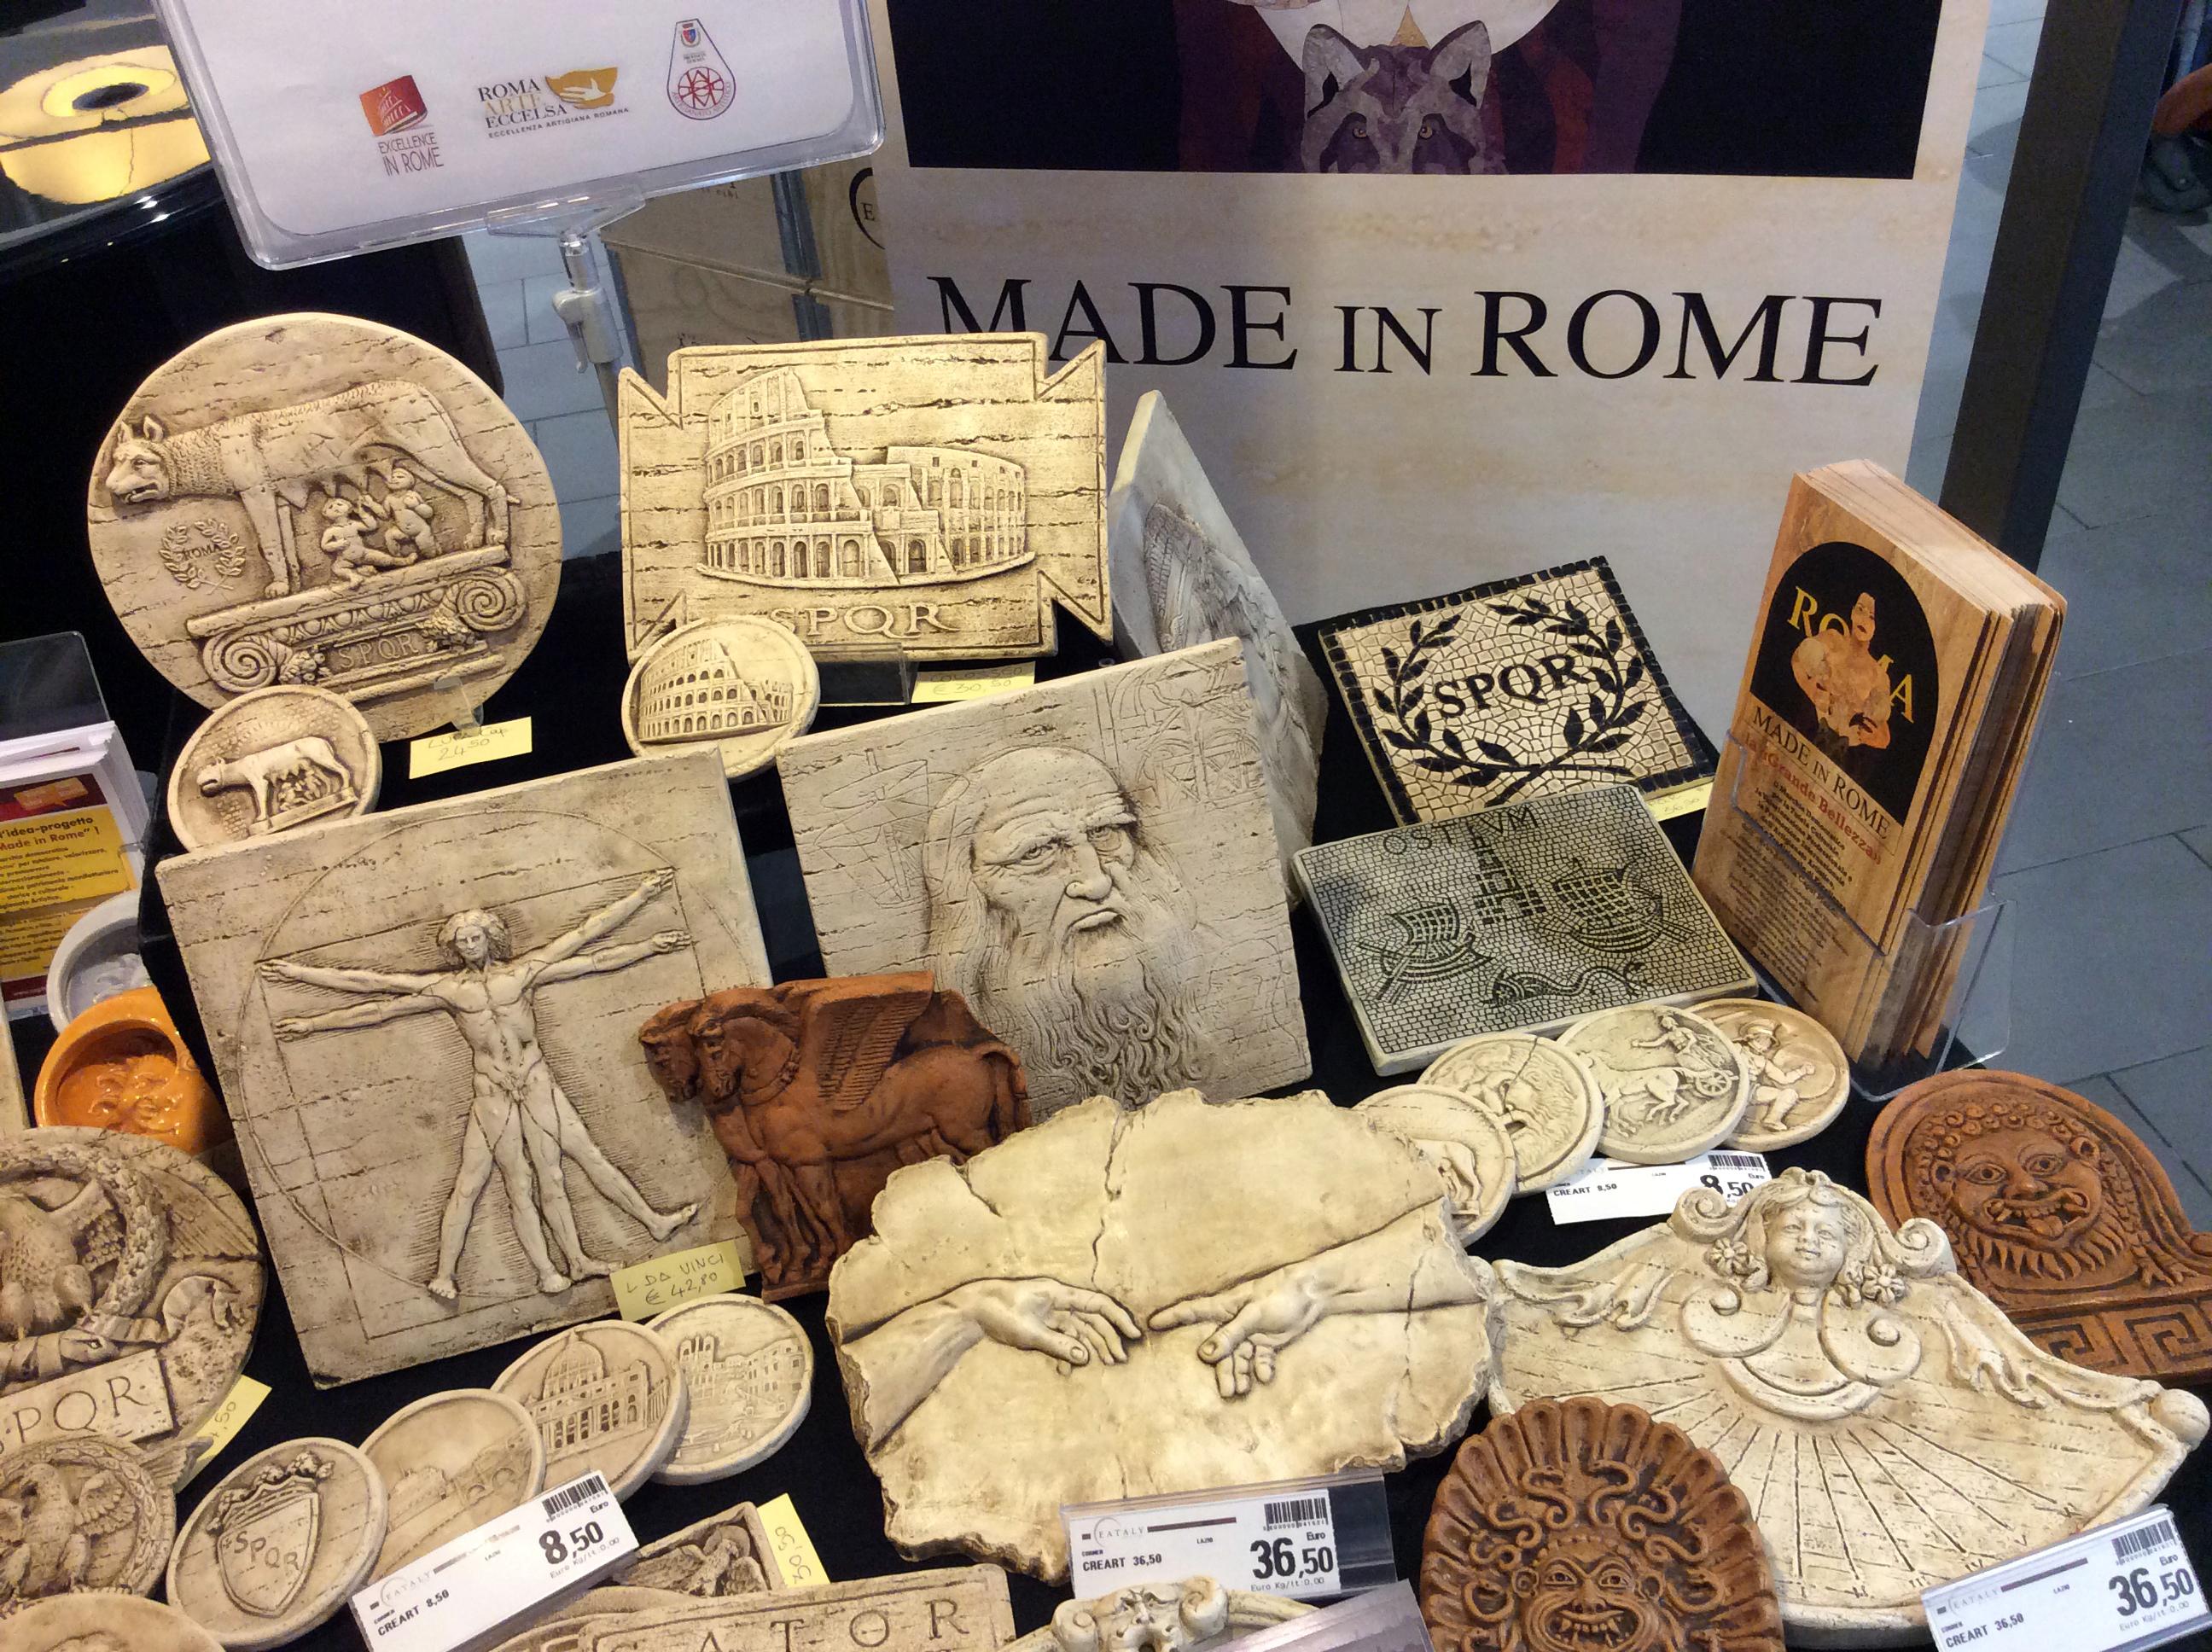 Creart Roma ad Eataly